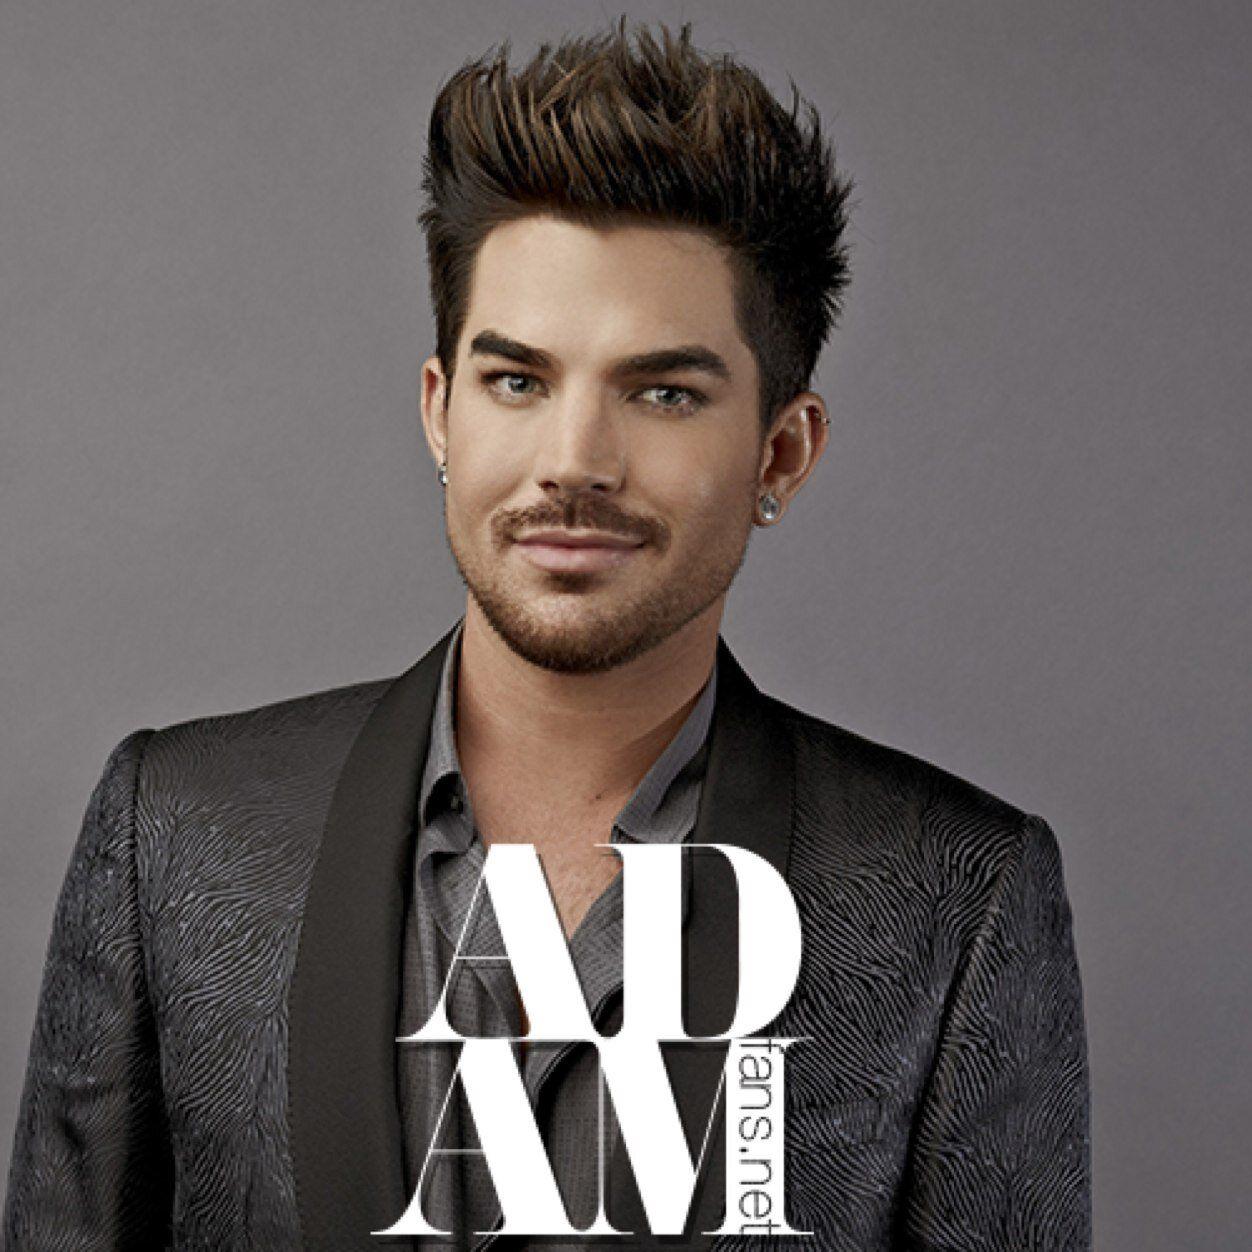 Haircuts for men las vegas adam lambert  adam lambert  pinterest  adam lambert sexy men and